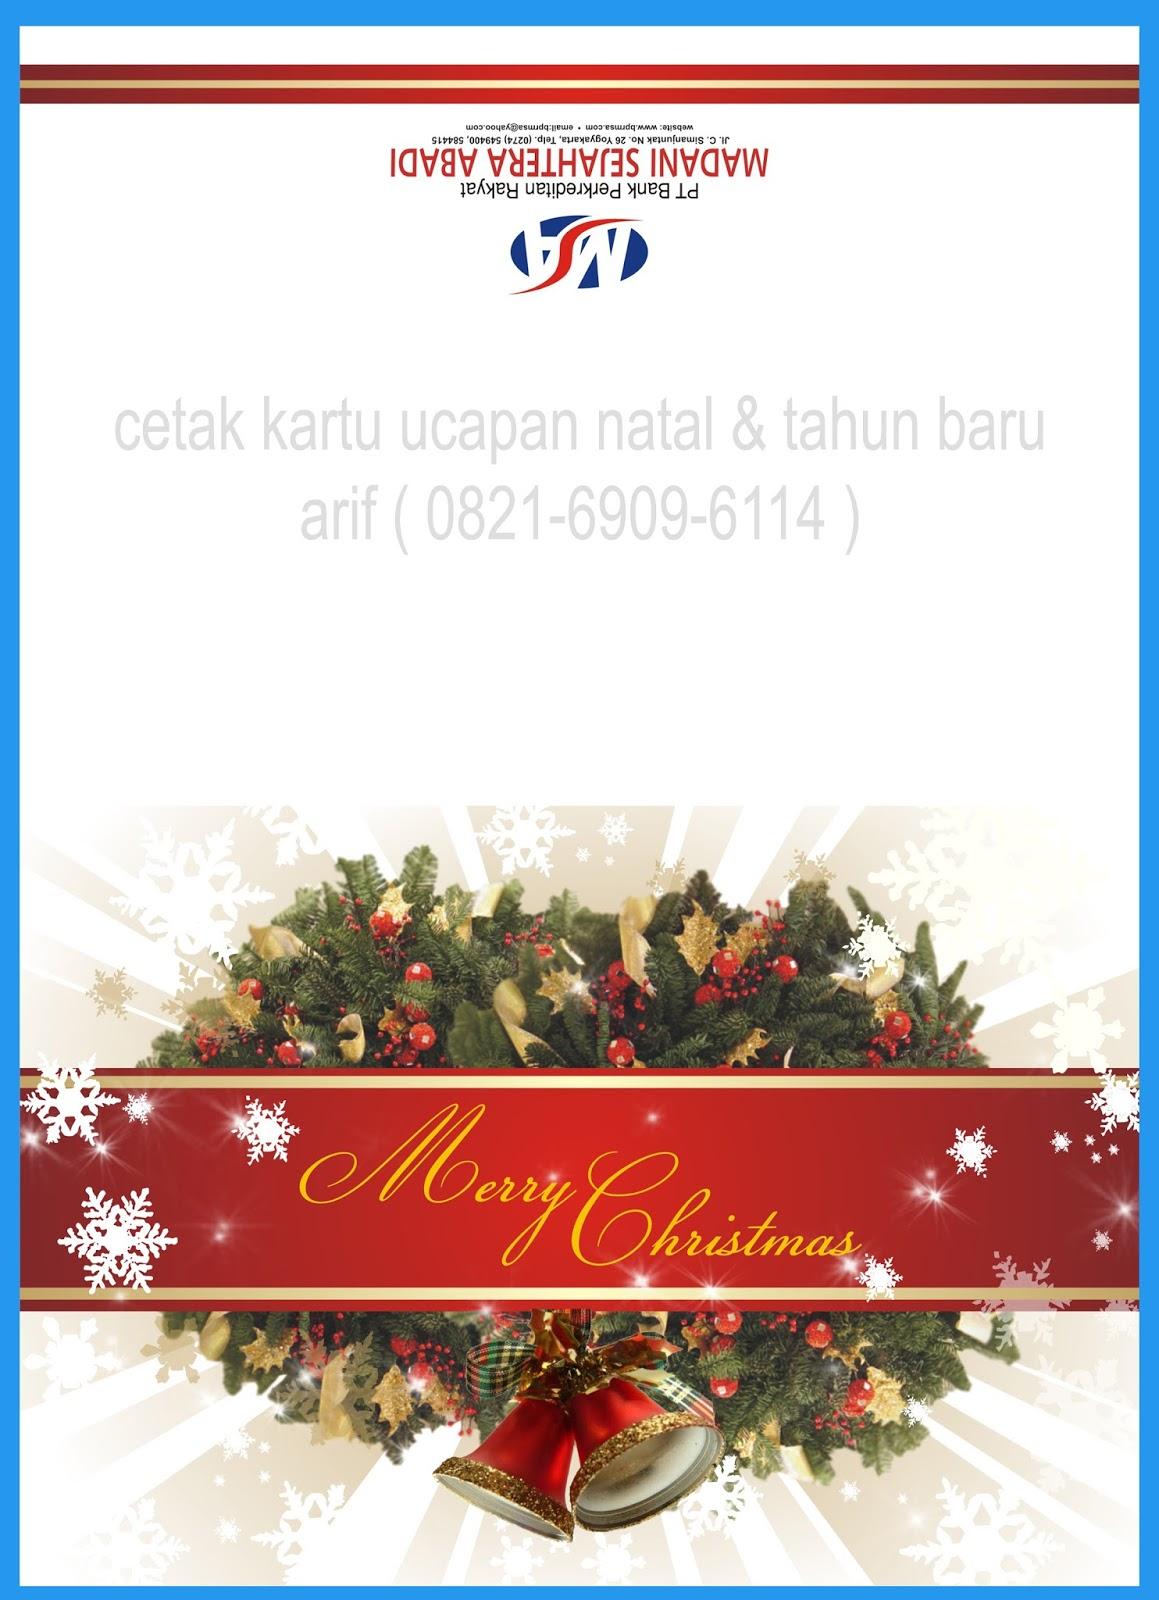 Cetak Kartu Ucapan Natal dan Tahun Baru | ANYER PRINTING